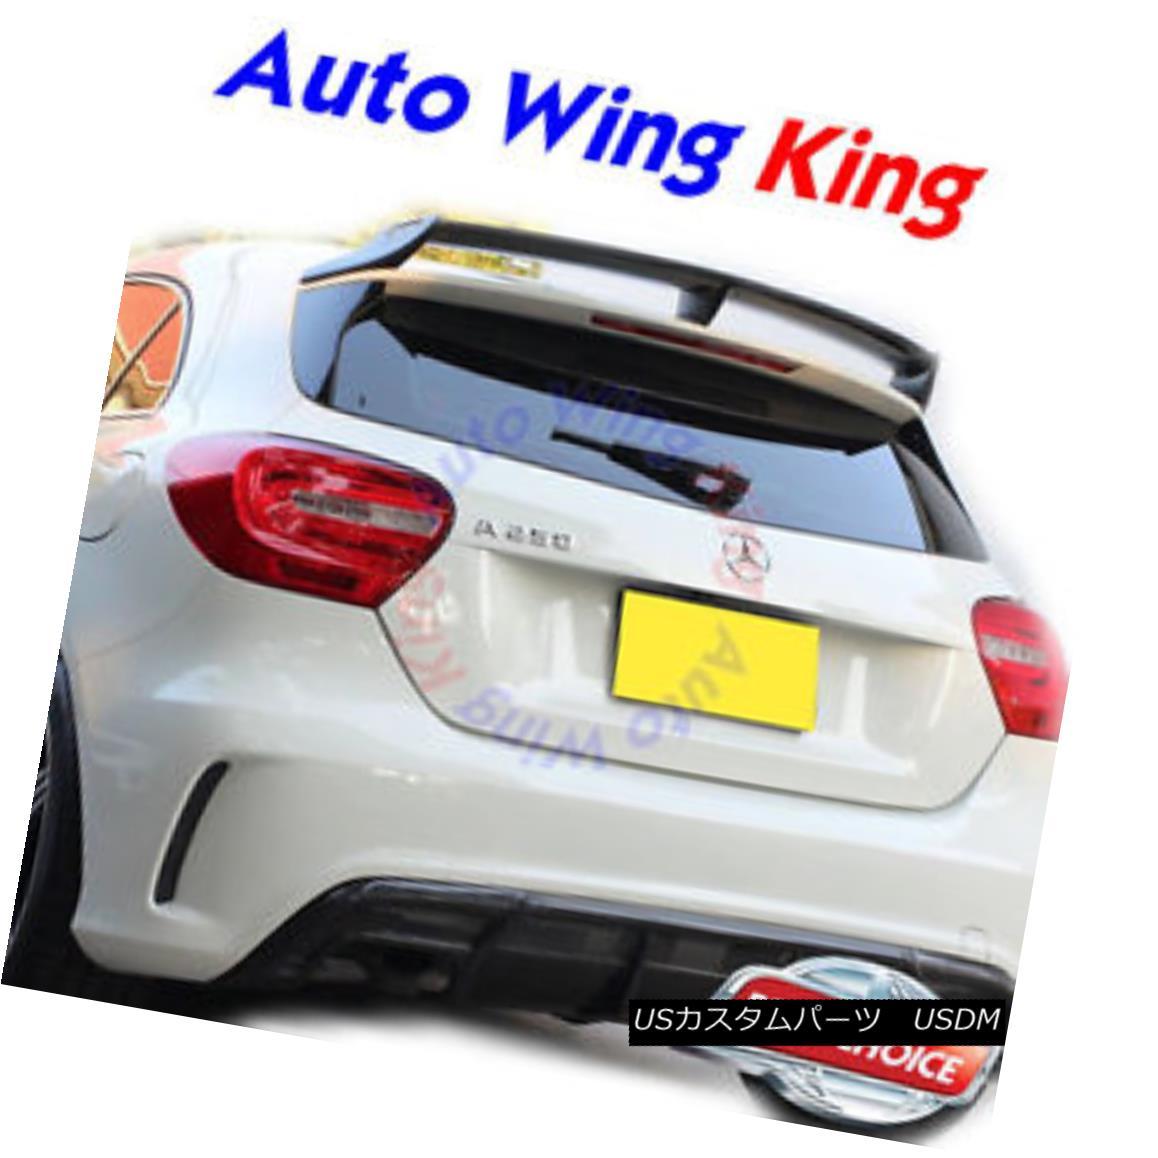 エアロパーツ Unpainted Rear Trunk Spoiler Wing For Mercedes-Benz W176 A-Class A250 A45 AMG ? メルセデス・ベンツW176 AクラスA250 A45 AMGの未塗装の後部トランク・スポイラー・ウィング?